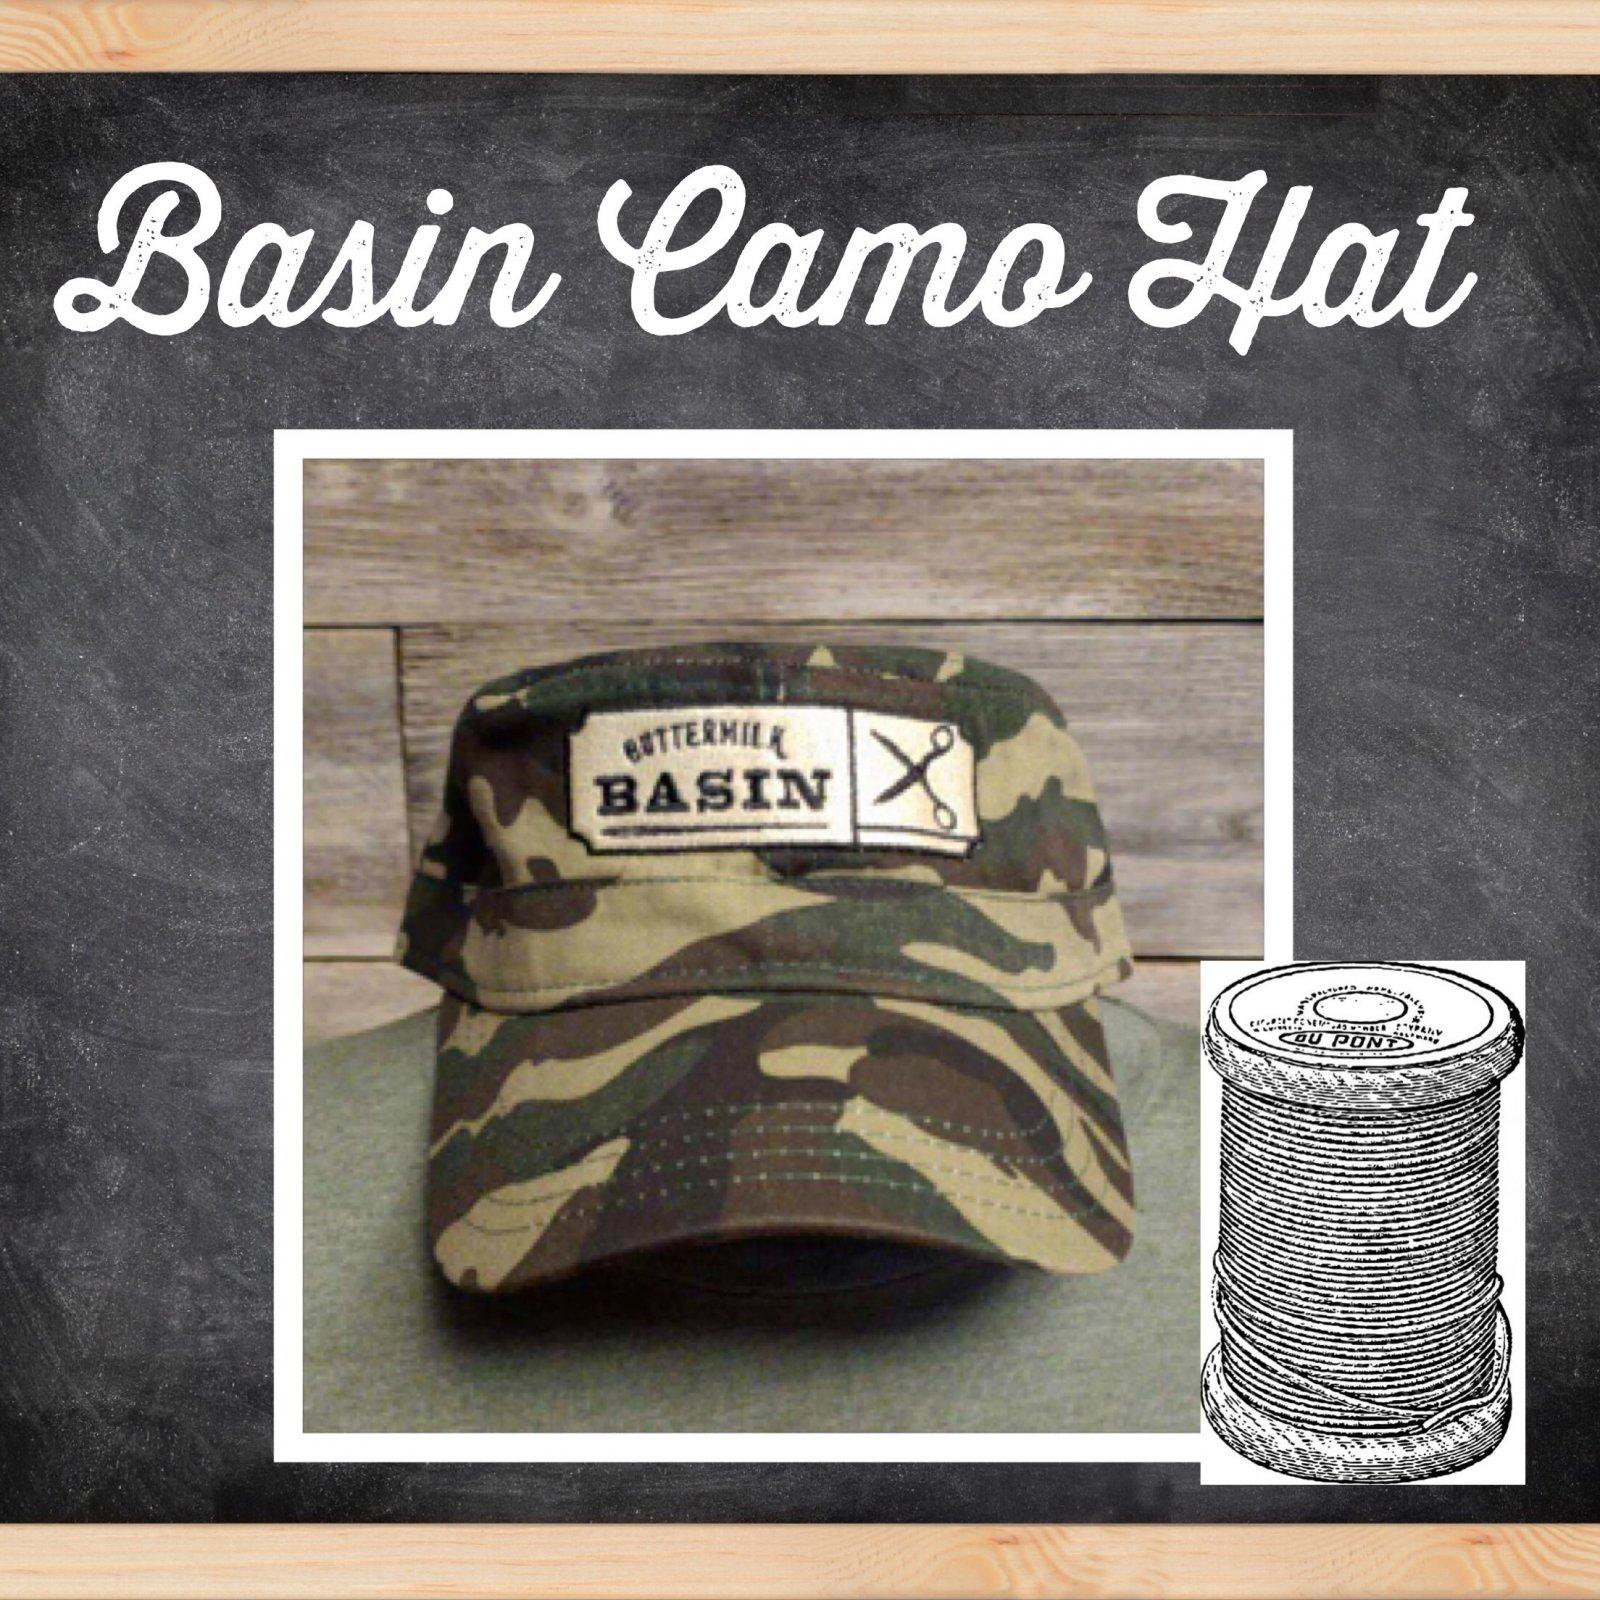 Basin Camo Hat